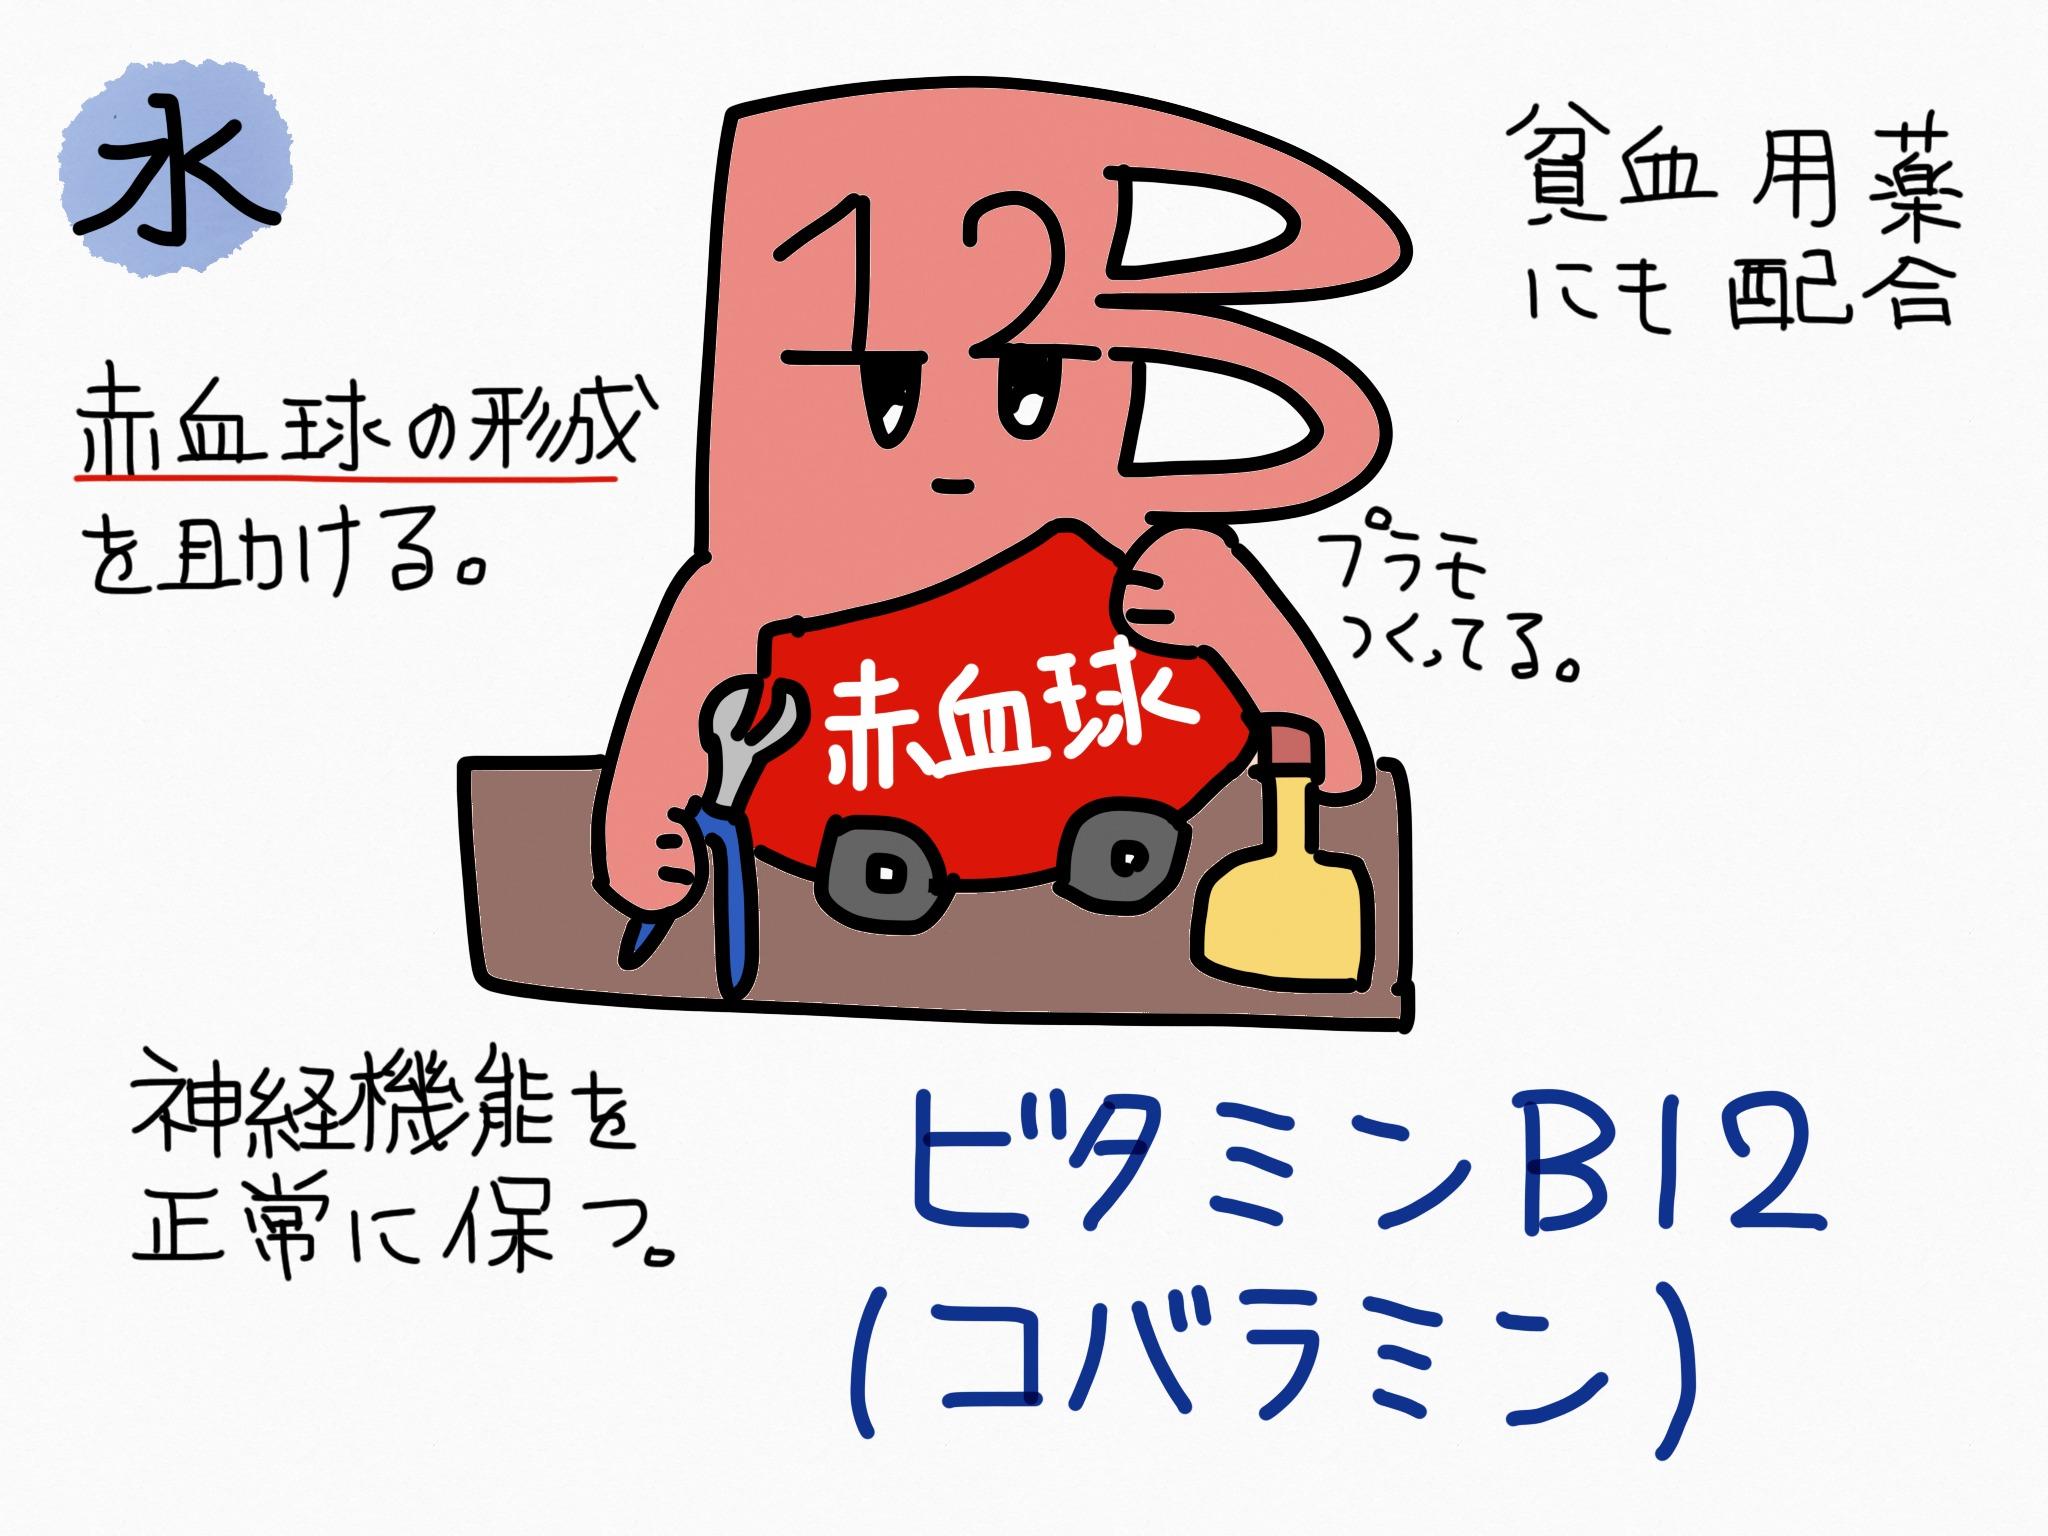 ビタミンB12(コバラミン)の覚え方